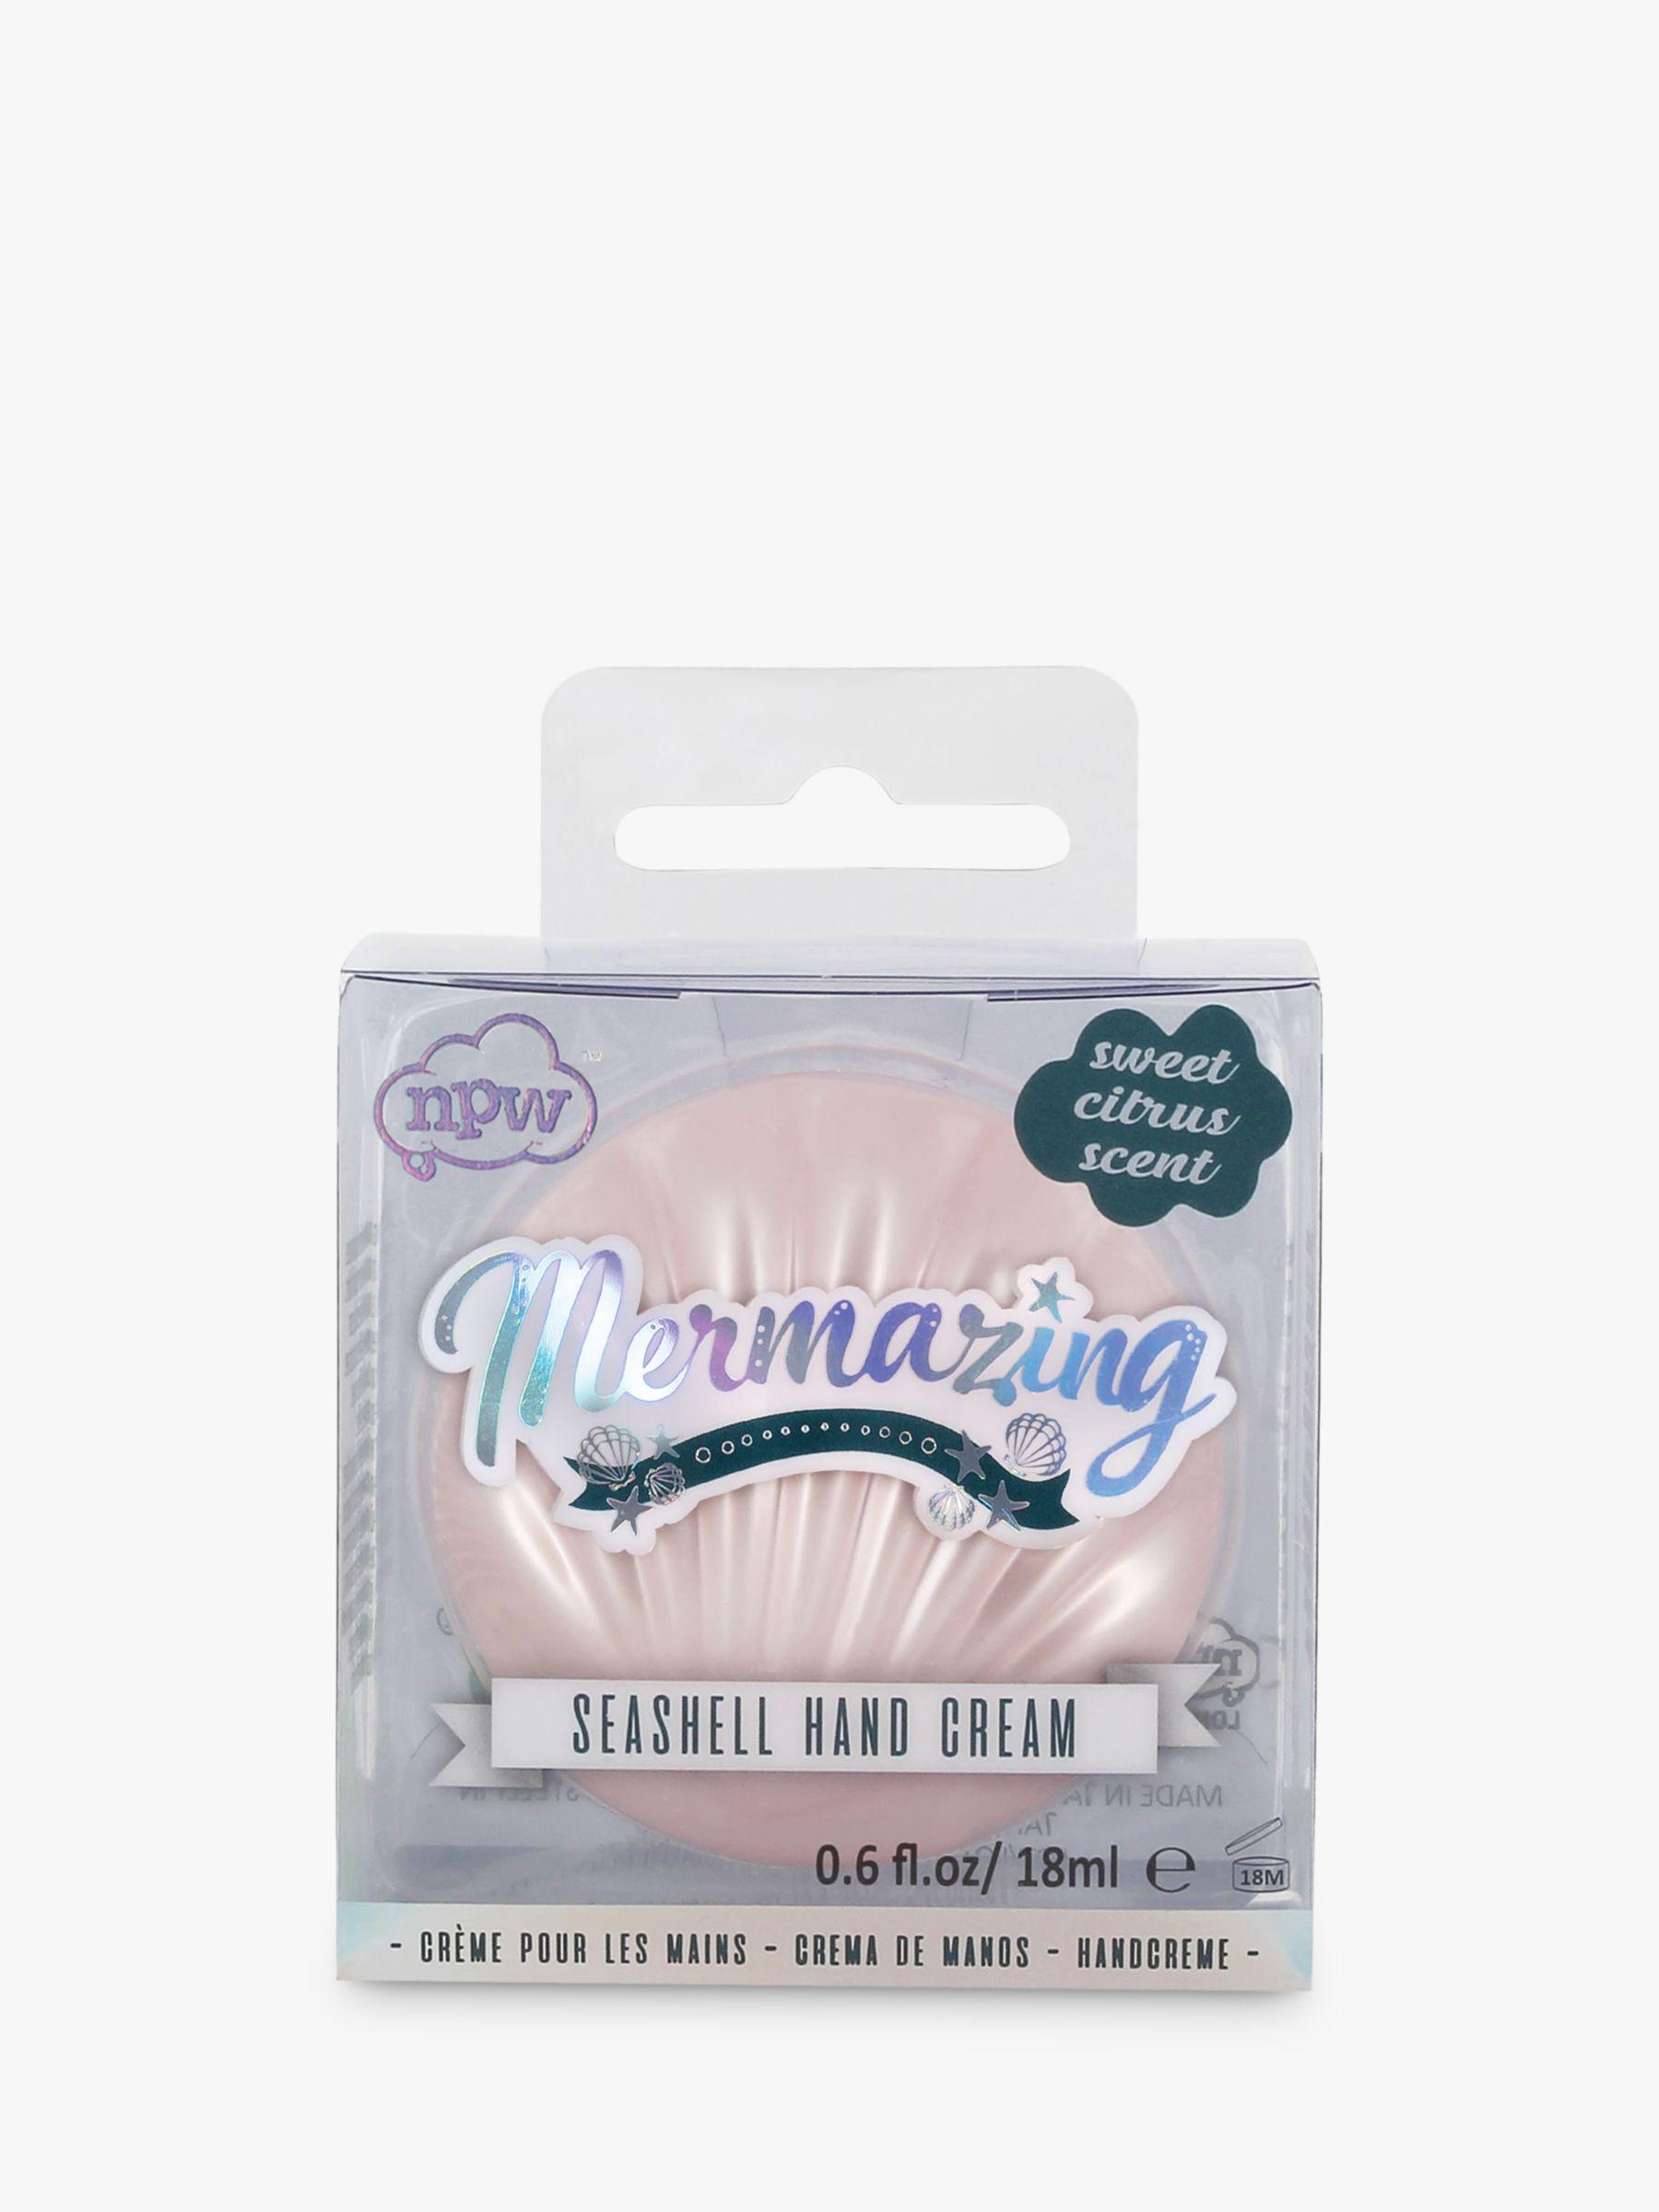 NPW NPW Mermaid Seashell Hand Cream